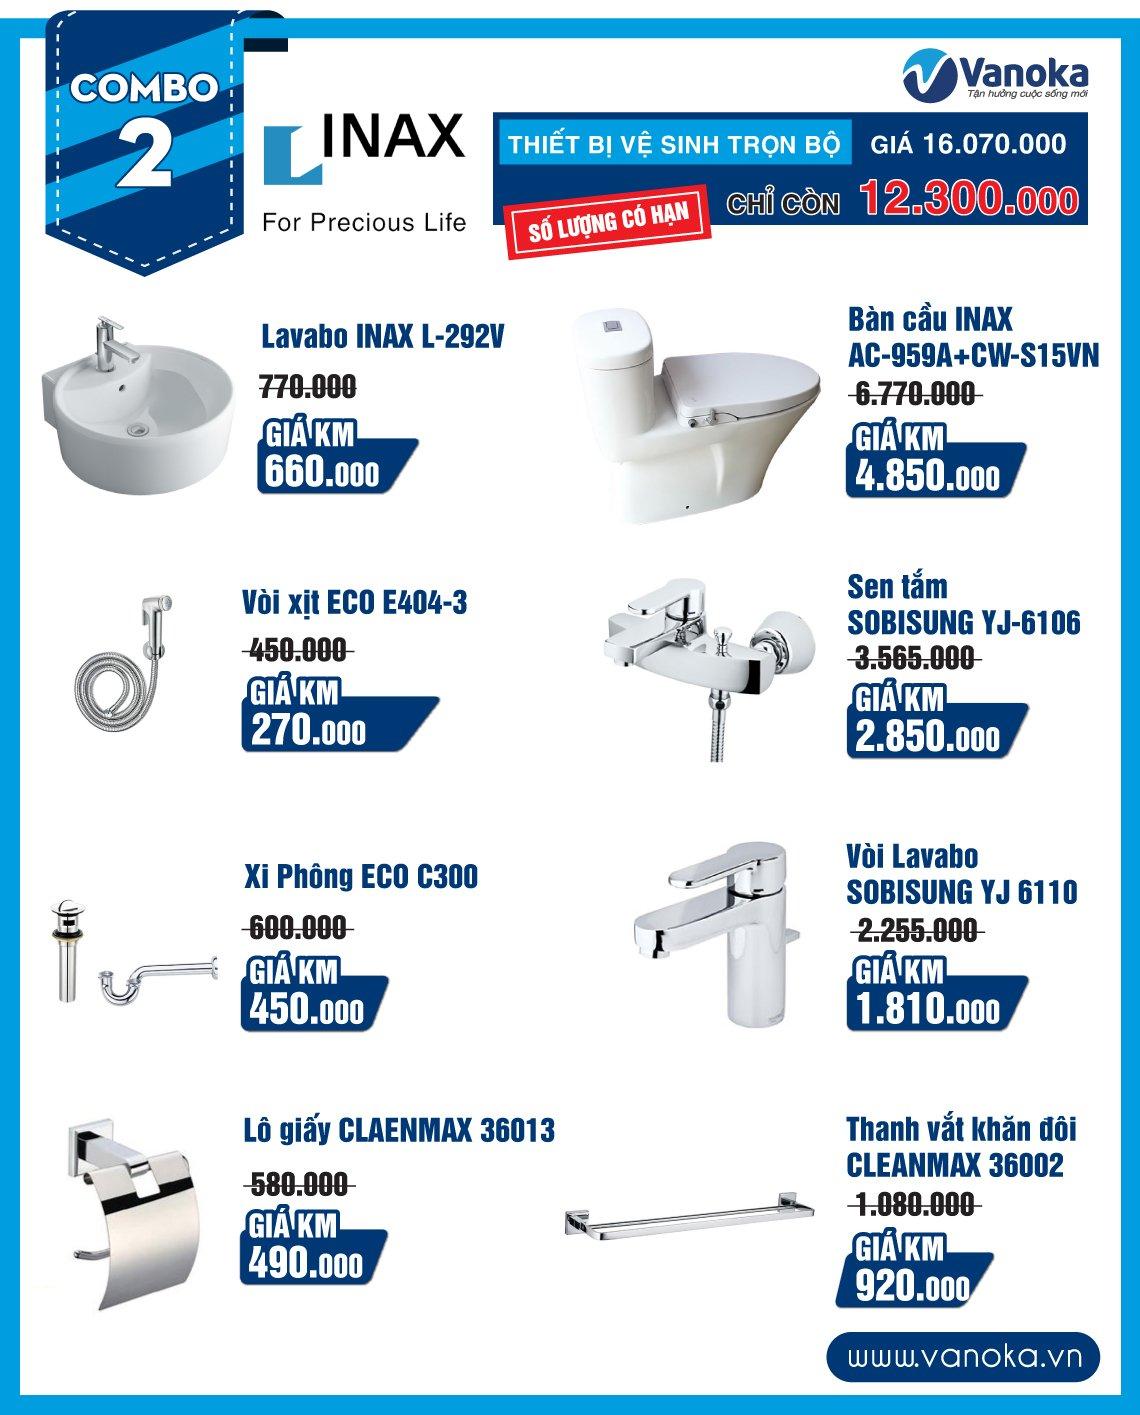 Combo Inax 2: Thiết bị vệ sinh trọn bộ chỉ còn 12.3 triệu (số lượng có hạn) thumbnail